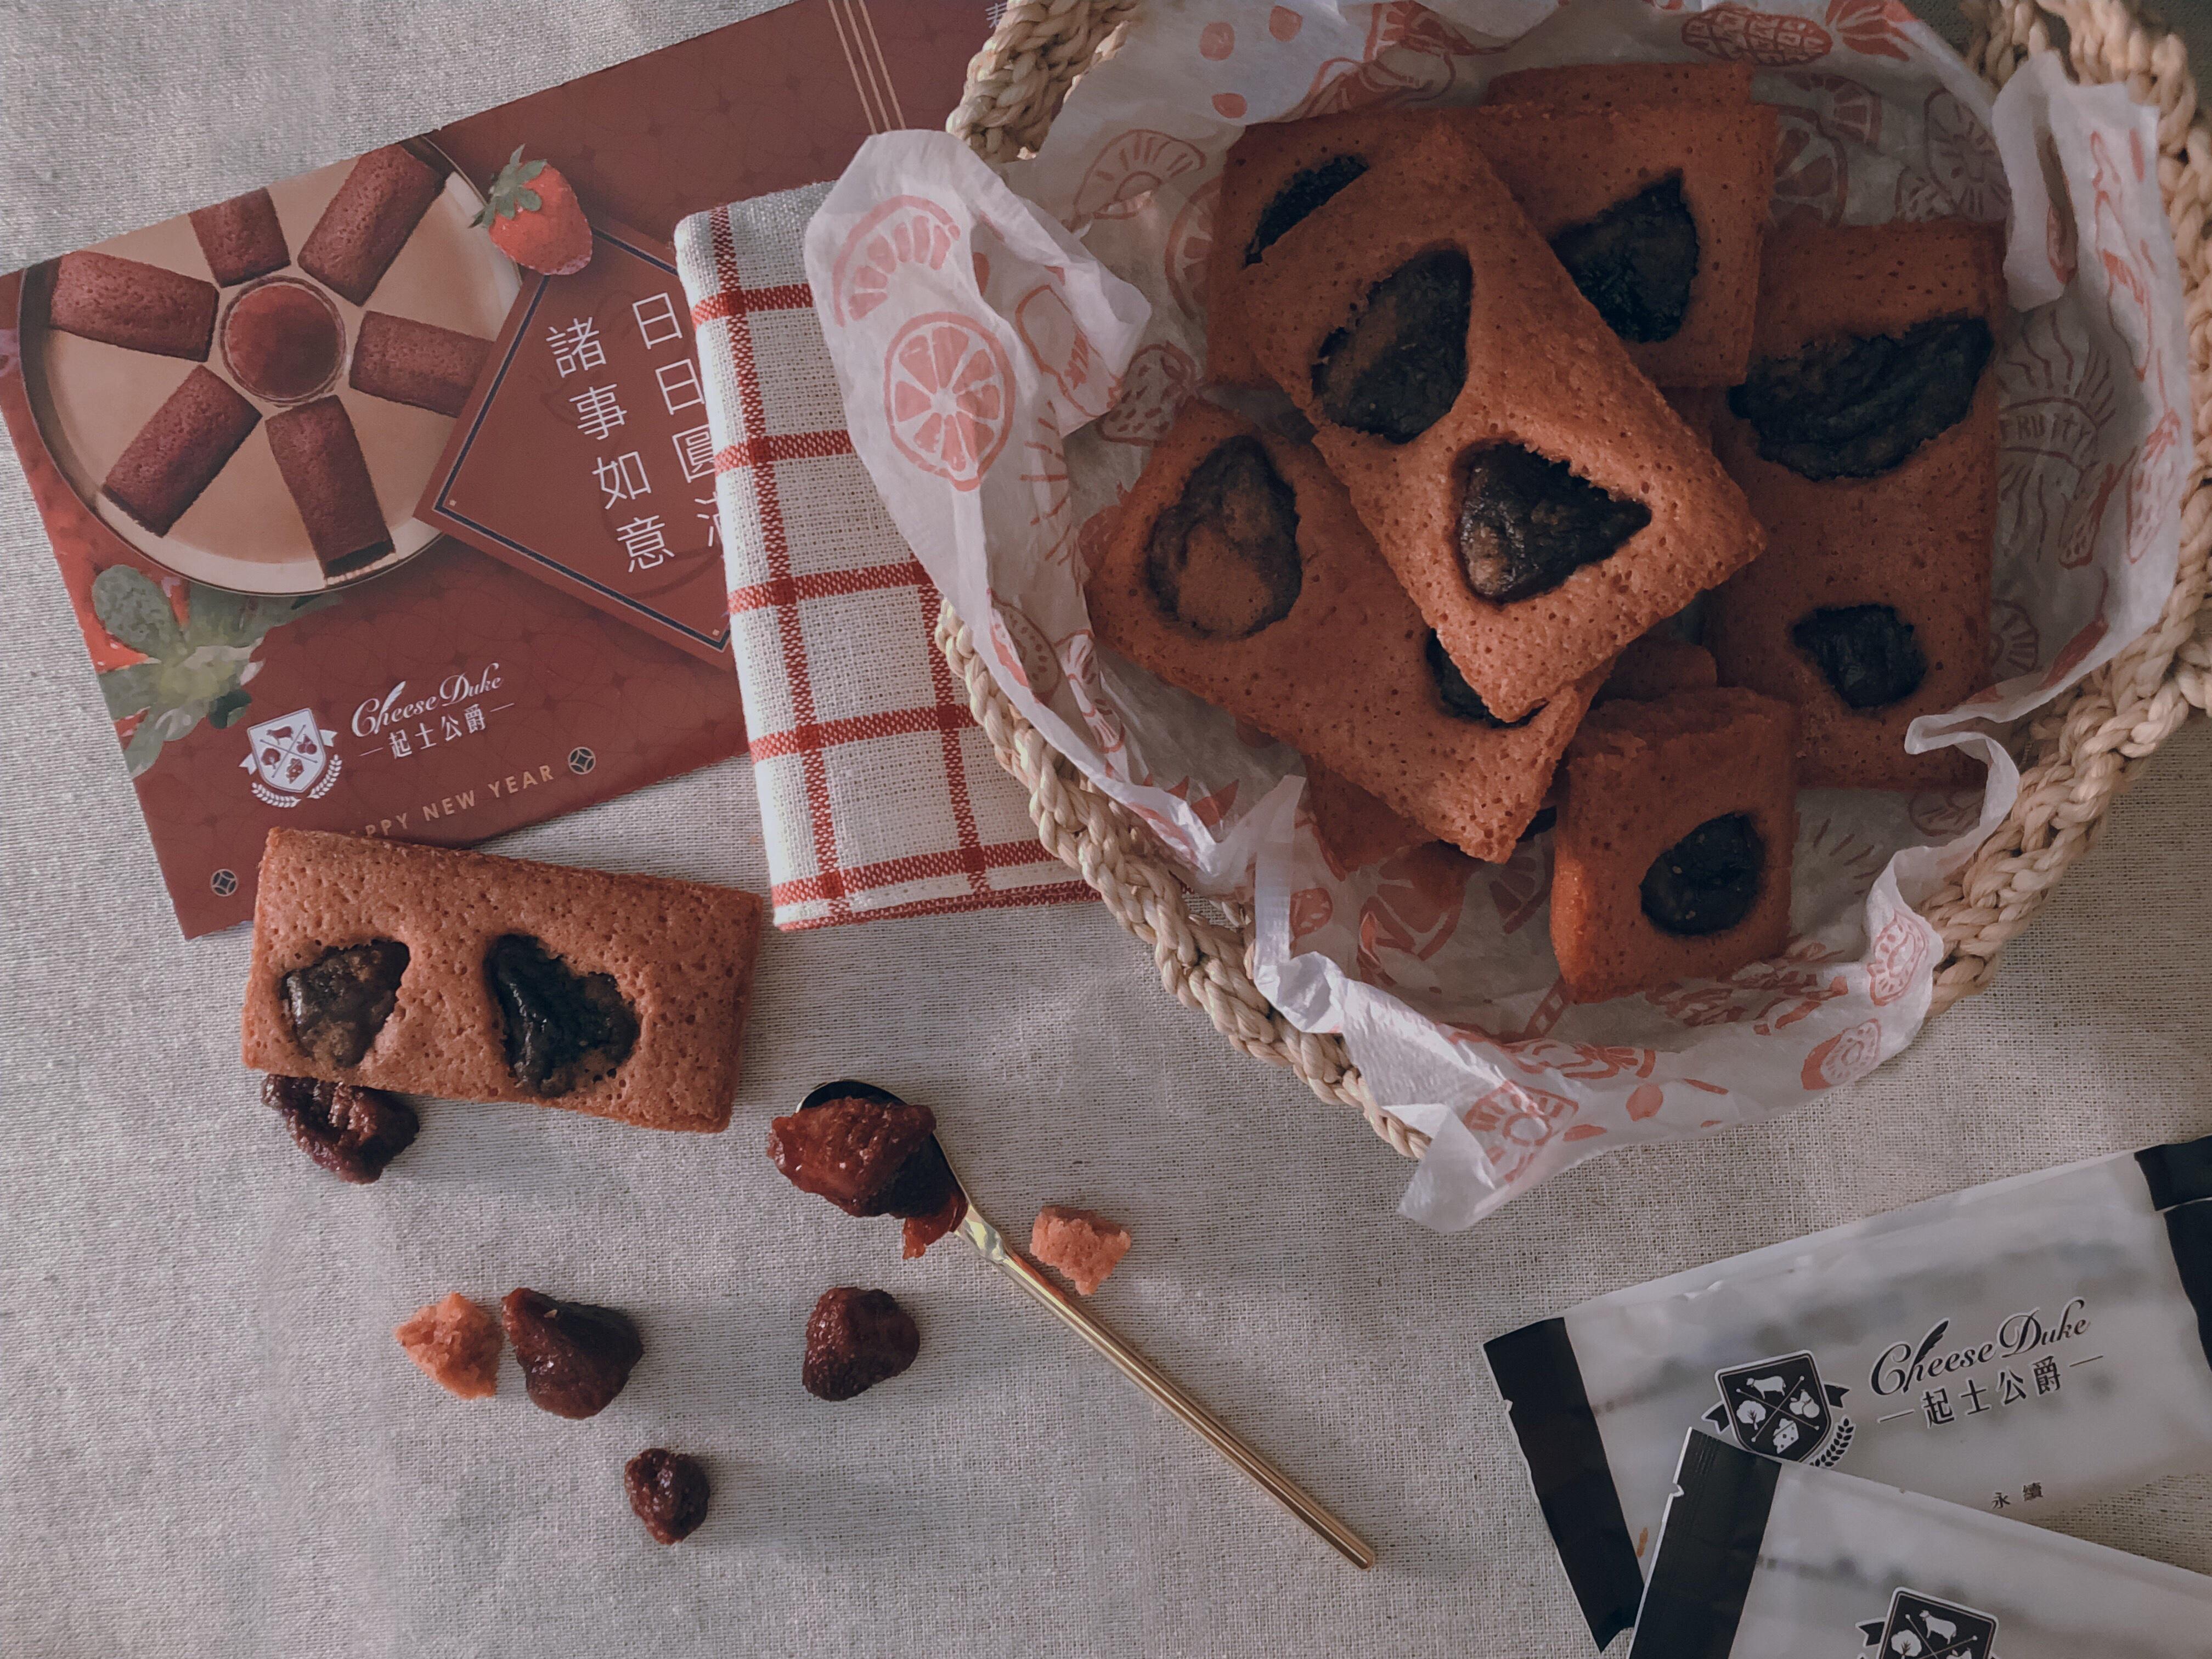 起士公爵 | 草莓紅鑽費雪 photo by sansan